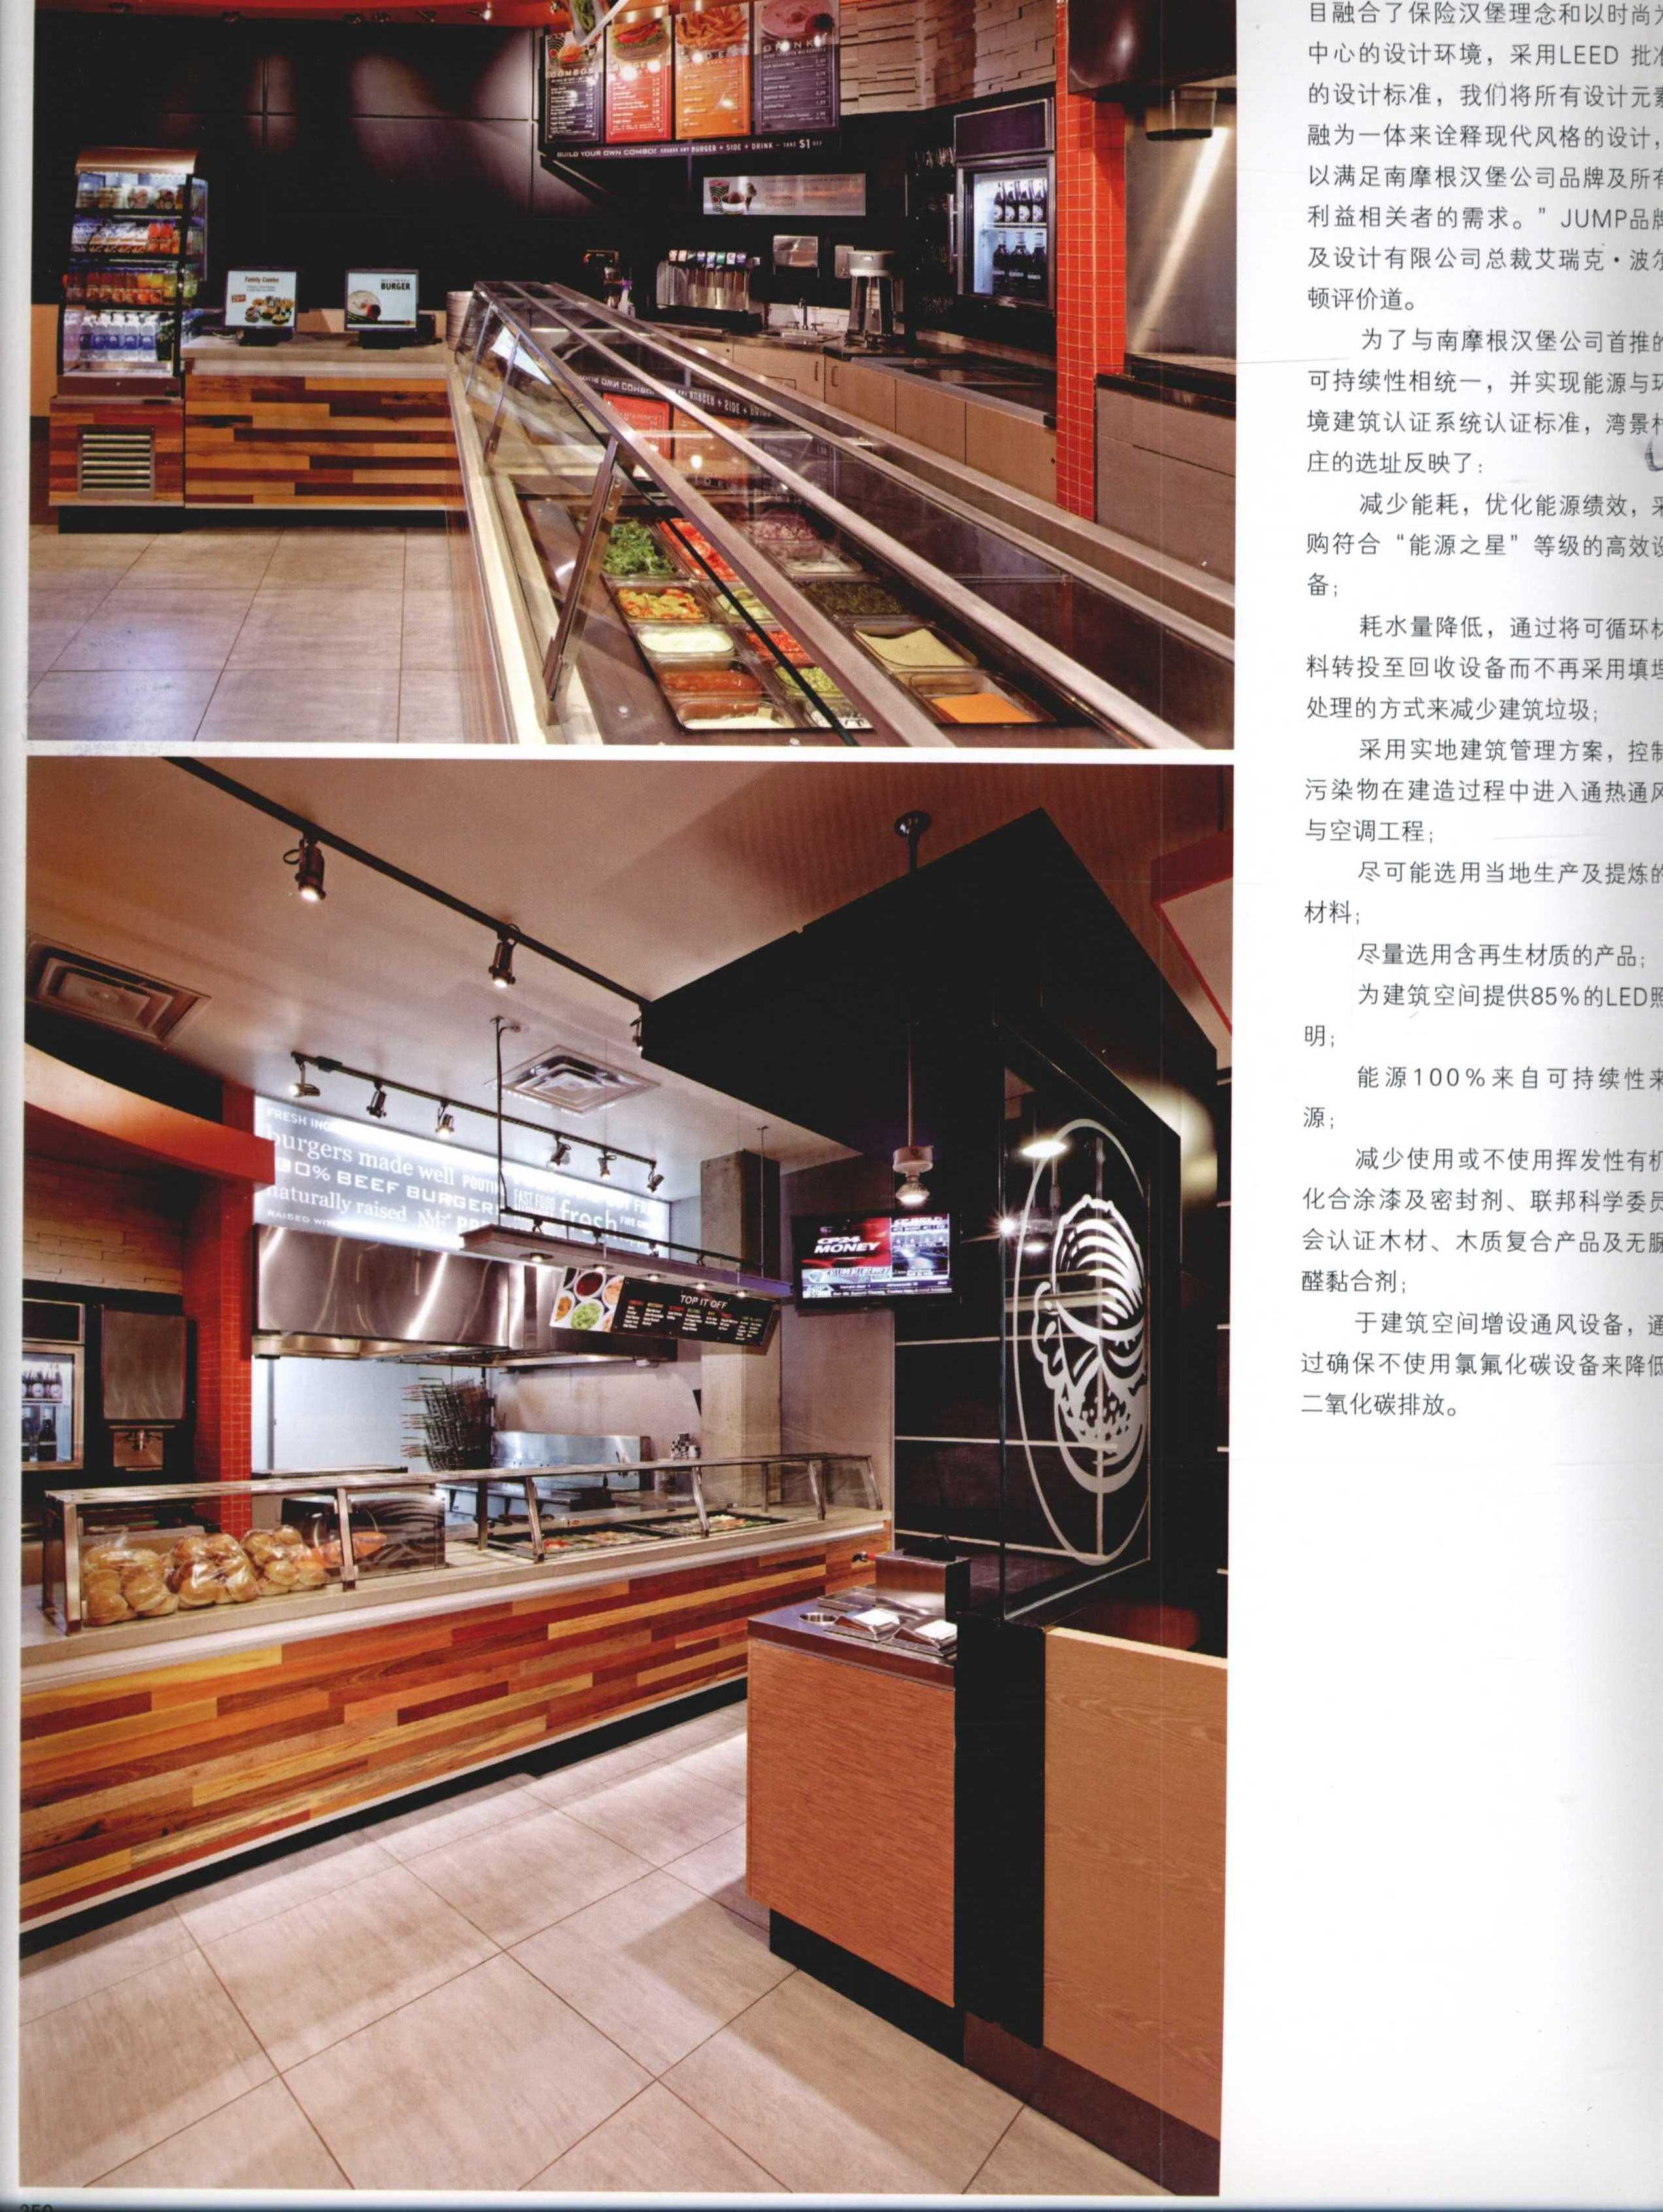 2012全球室内设计年鉴  餐饮_Page_343.jpg